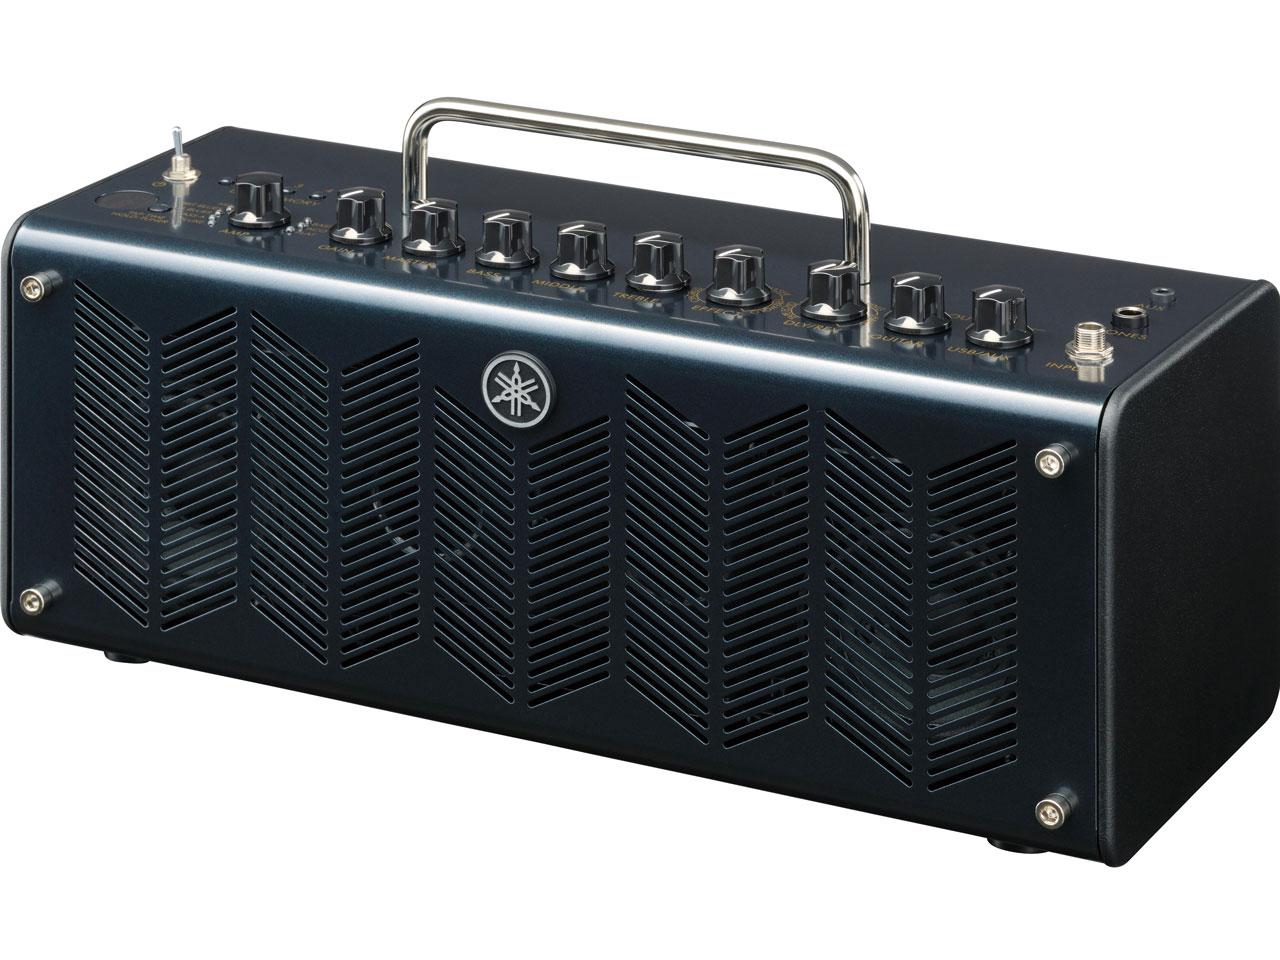 THR-10C YAMAHA ヤマハ ギターアンプ デジタルエフェクト内蔵 THR10C